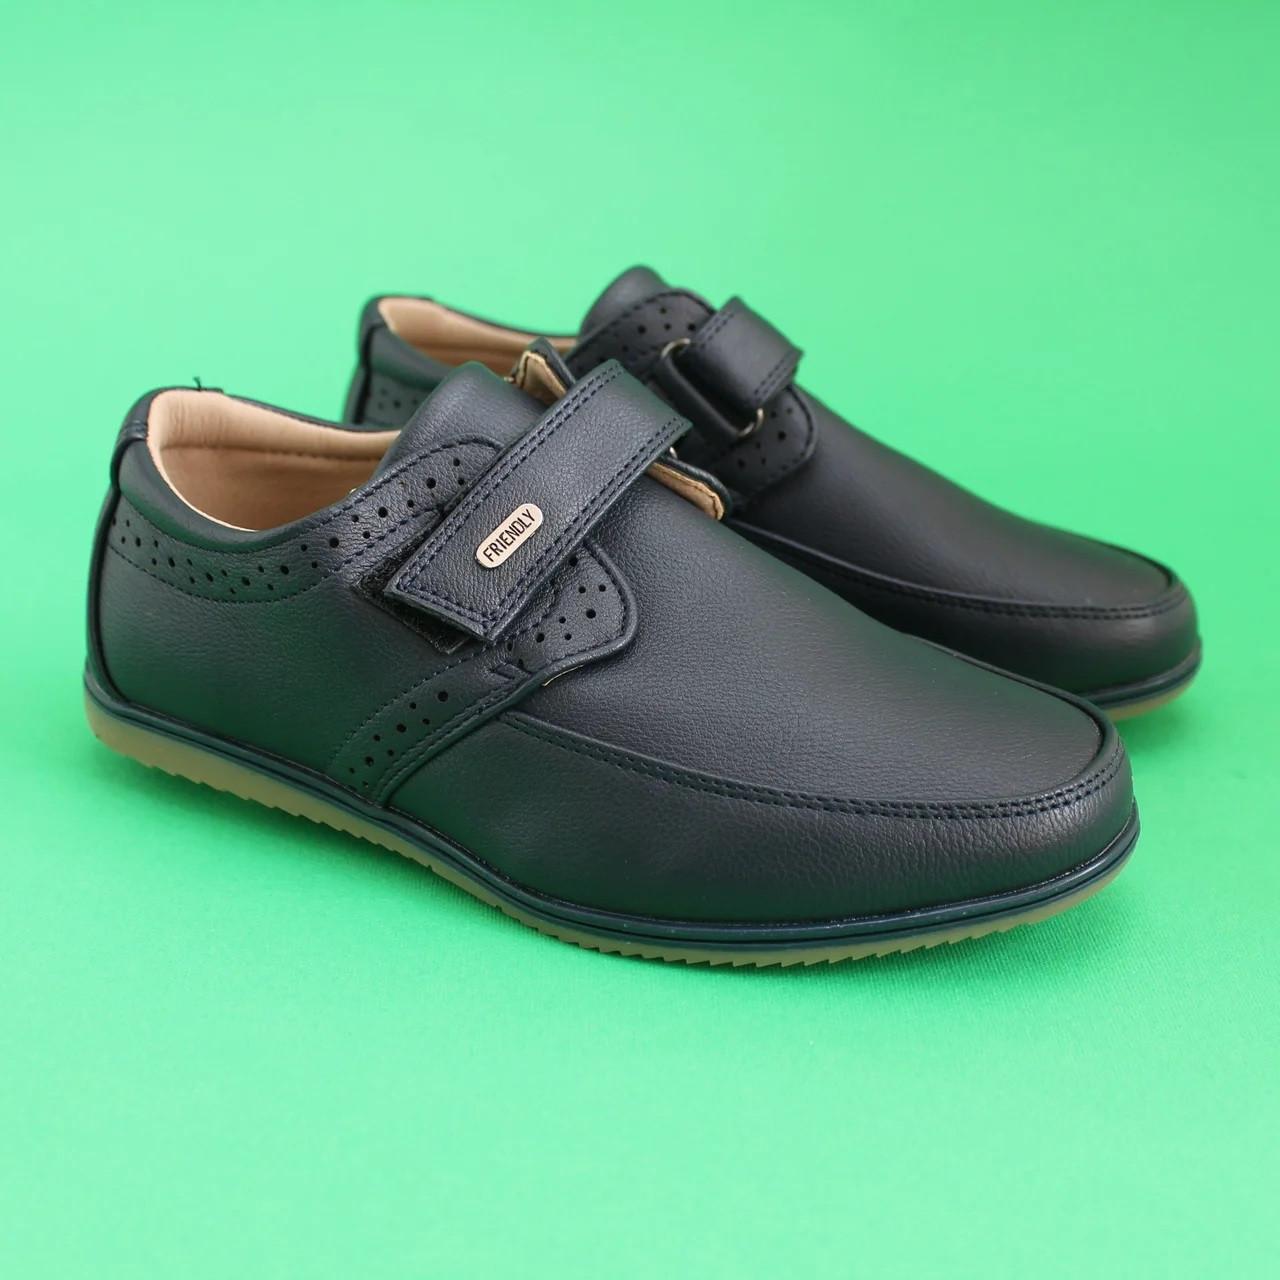 Синие туфли мокасины броги для мальчика коллекция тм Том.м р.37,38